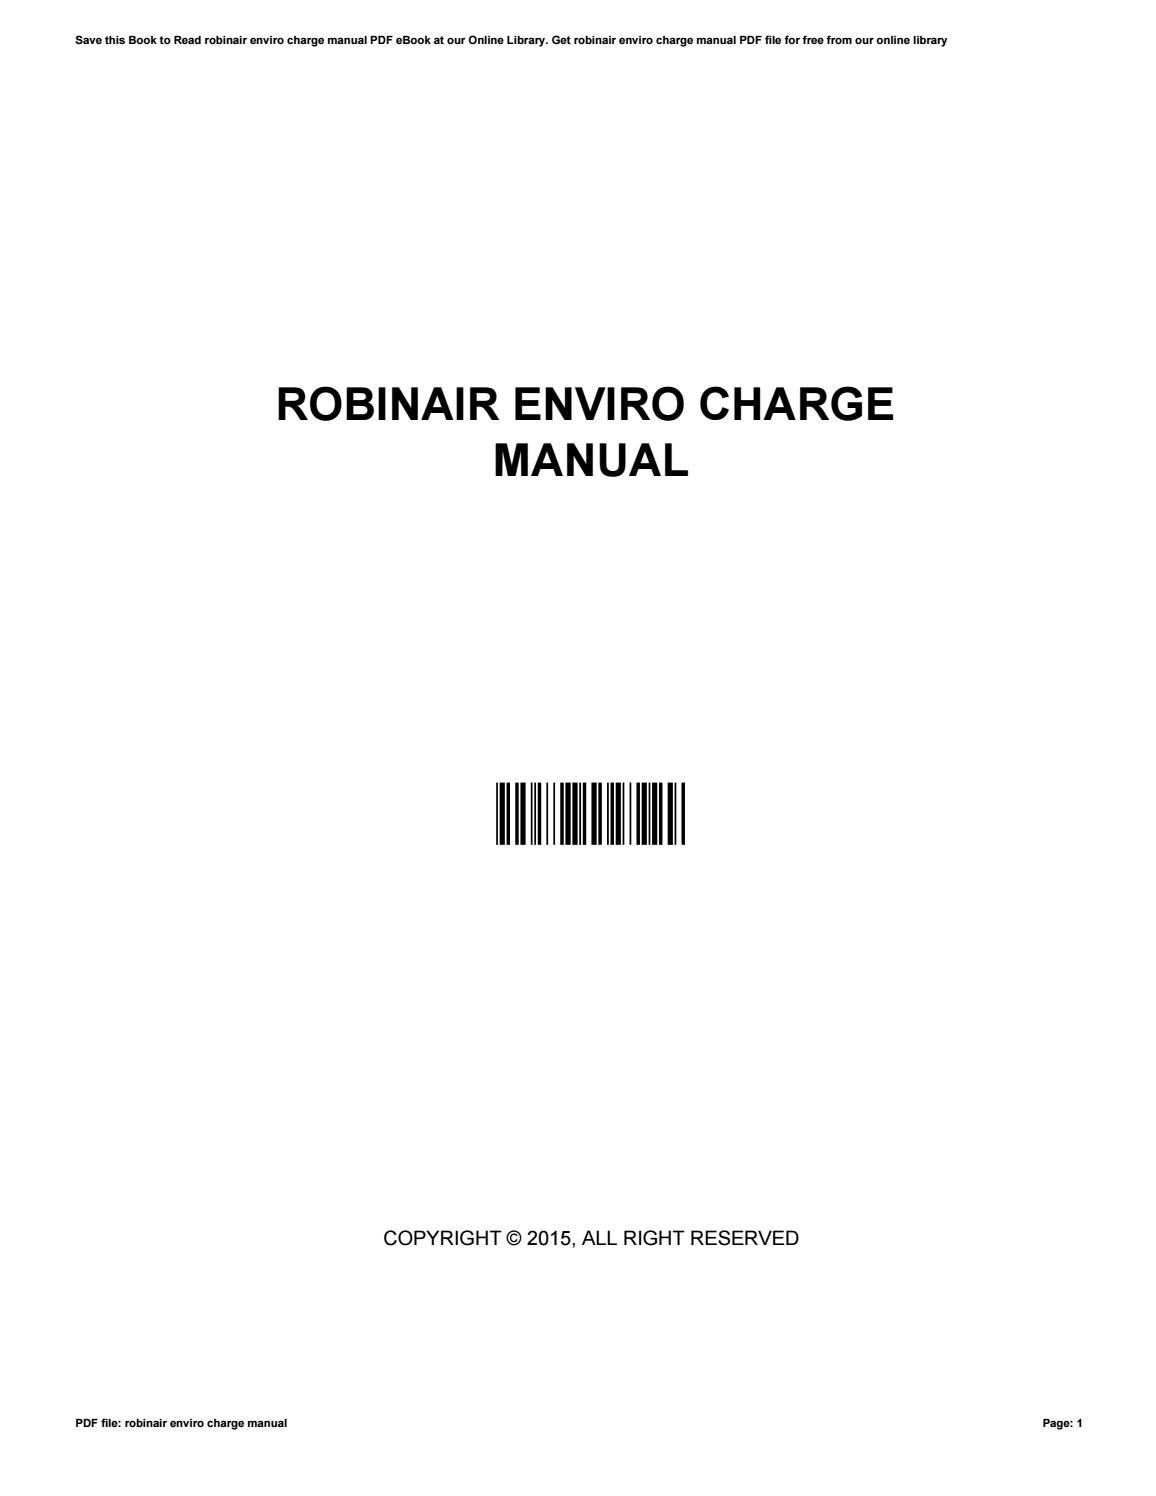 robinair enviro charge manual by mankyrecords50 issuu rh issuu com Robinair Parts Robinair Gauges